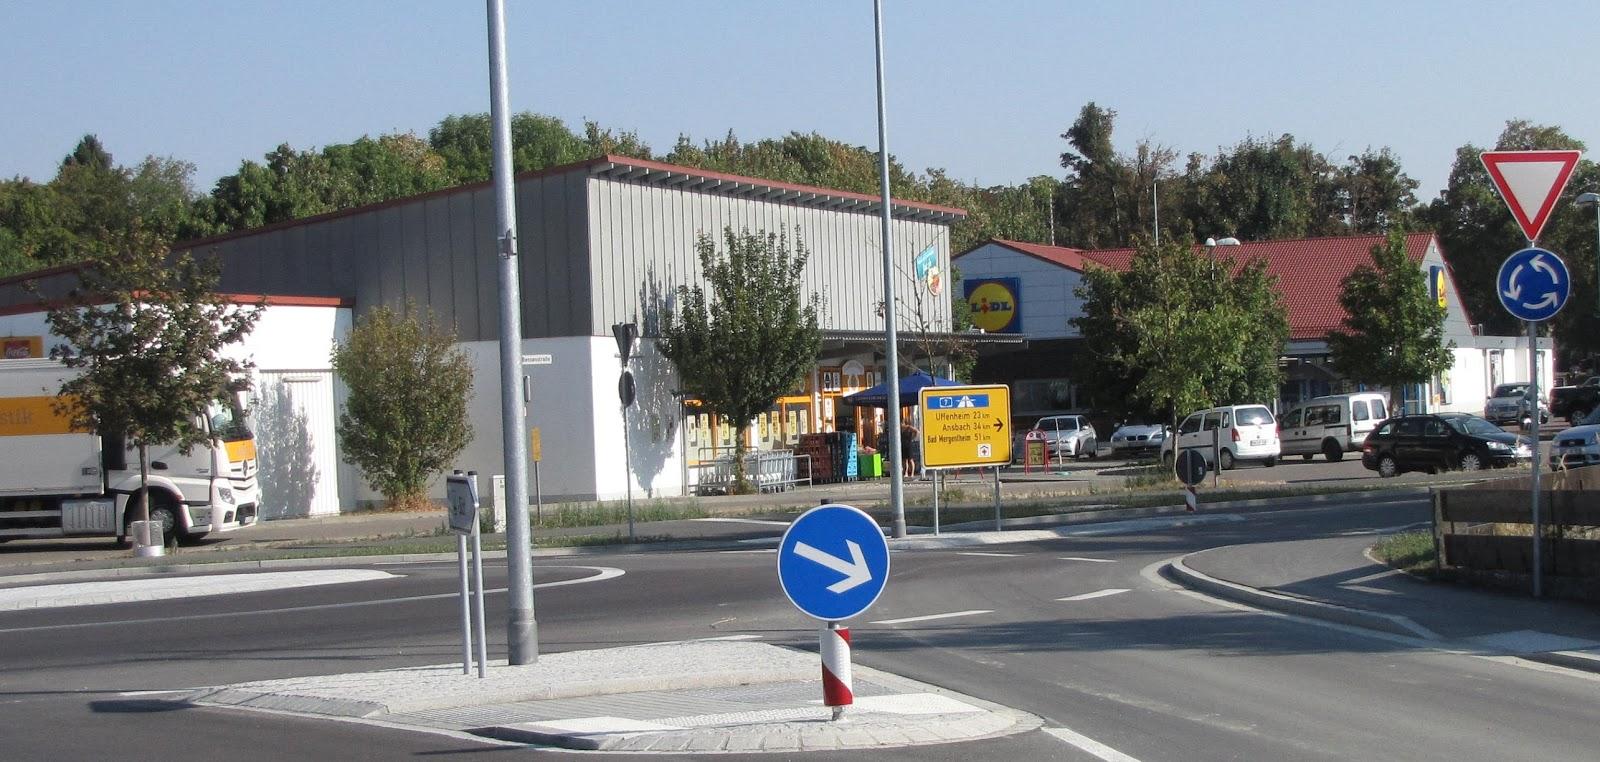 Rothenblog: Einkaufsmärkte in der Bensenstraße in Rothenburg